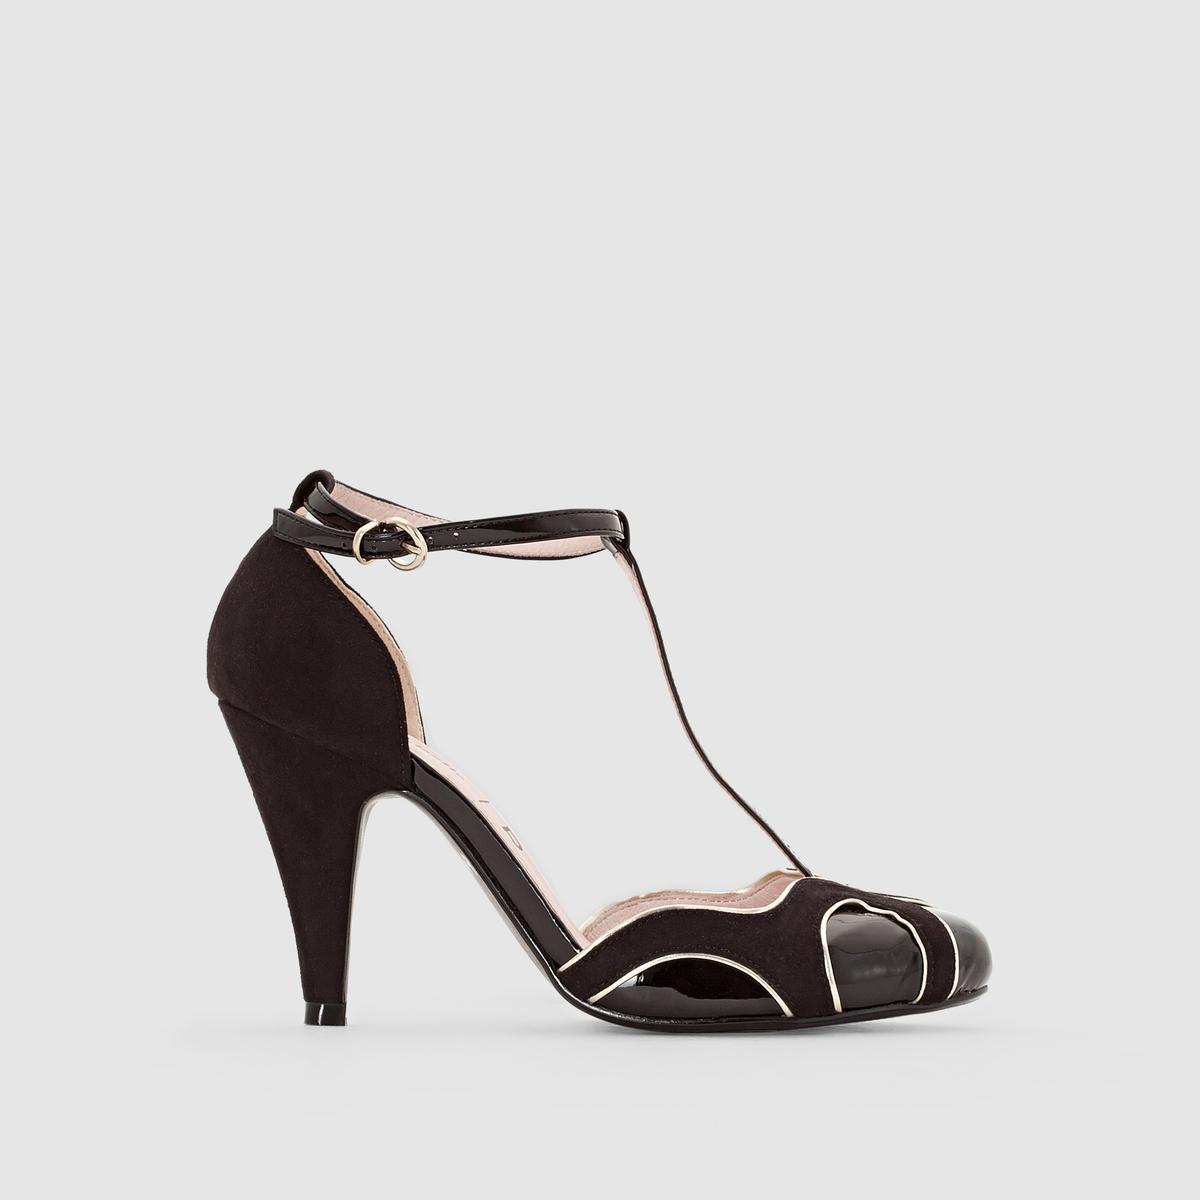 ТуфлиТуфли, Mademoiselle RВерх : синтетикаПодкладка : кожаСтелька : кожаПодошва : из эластомераВысота каблука  : 9 смФорма каблука : тонкийМысок : закругленныйЗастежка : ремешок<br><br>Цвет: черный